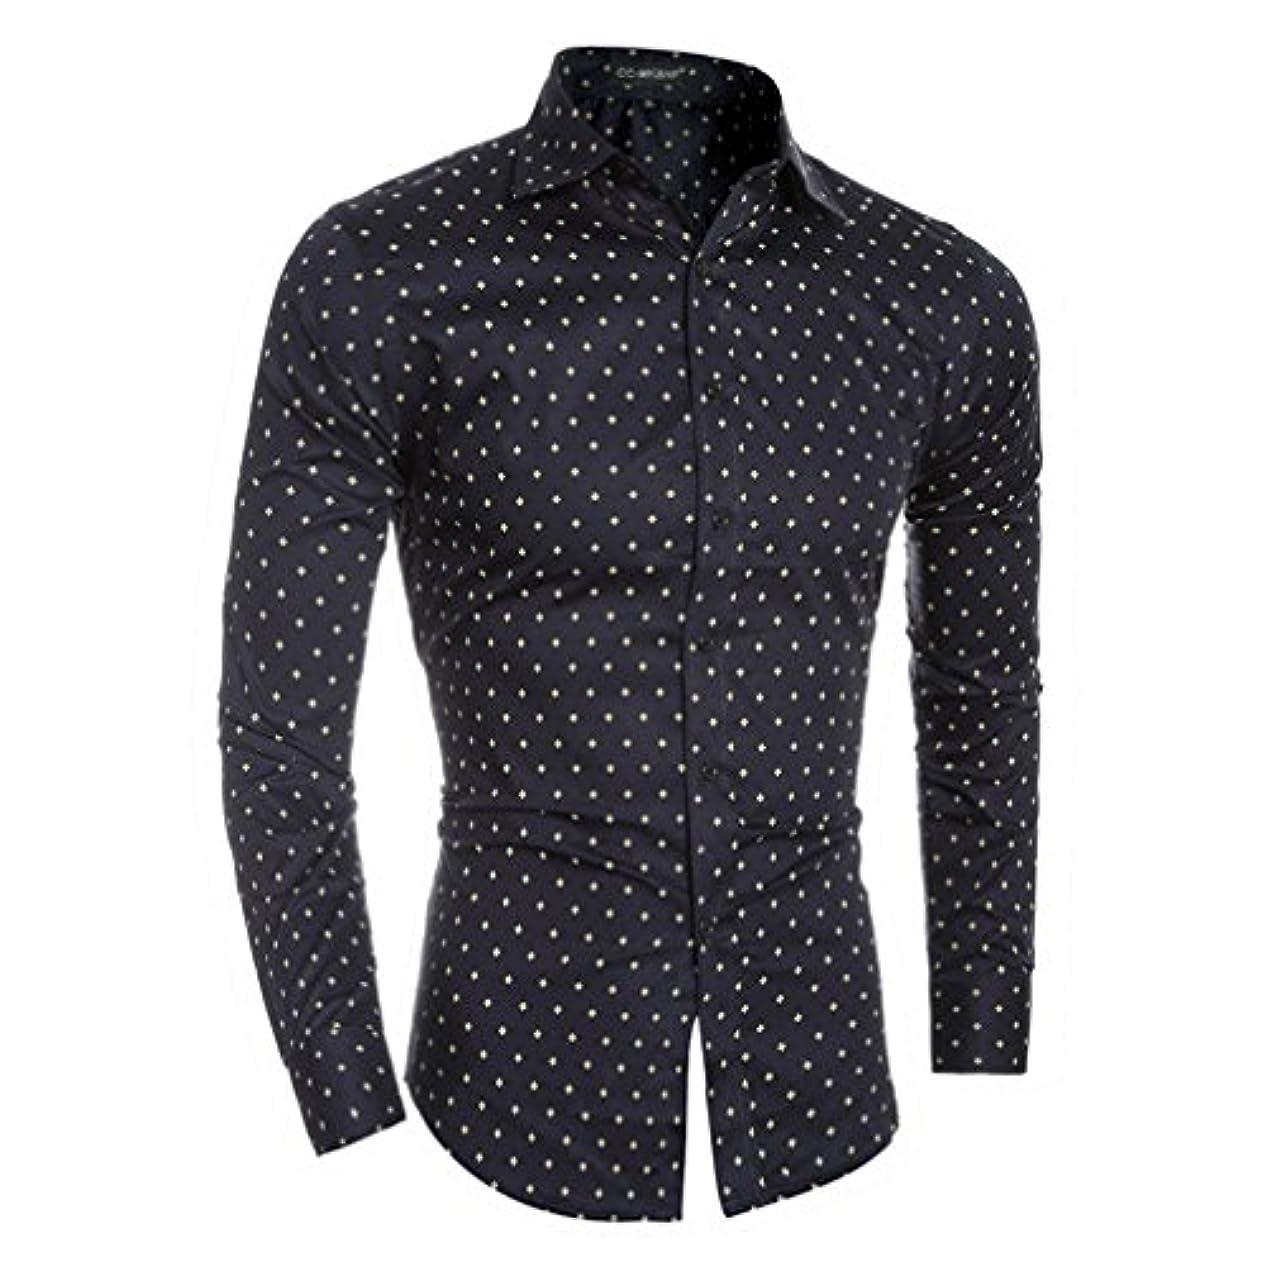 テスト抑圧探すHonghu メンズ シャツ 長袖 100%綿 飛行機プリント カジュアル スリム ネイビー M 1PC